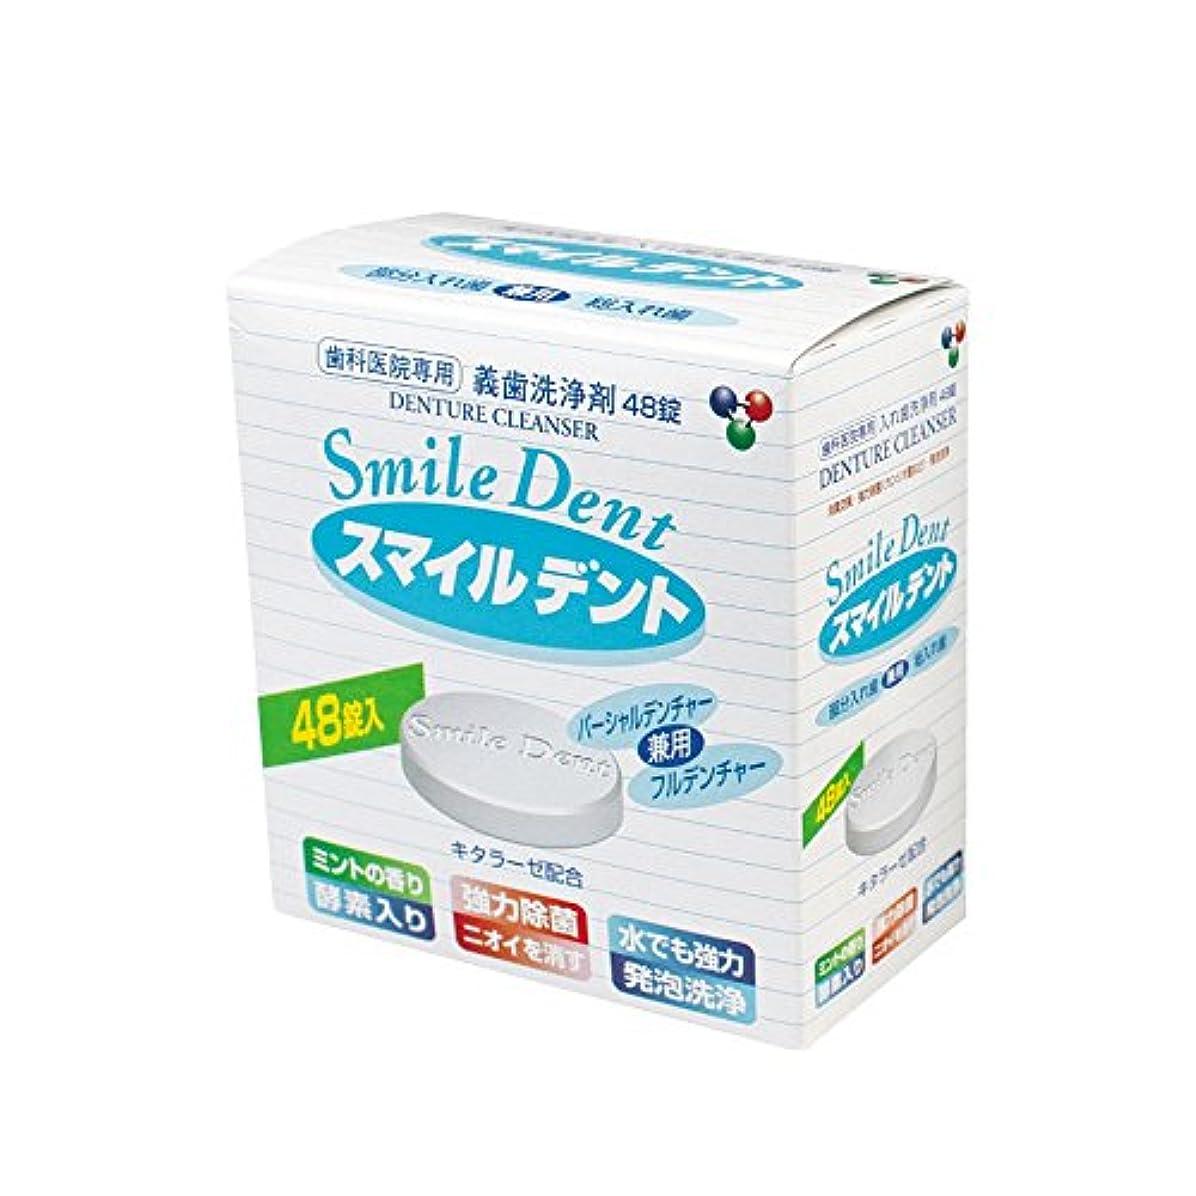 認める眼も義歯洗浄剤 スマイルデント 1箱(48錠)